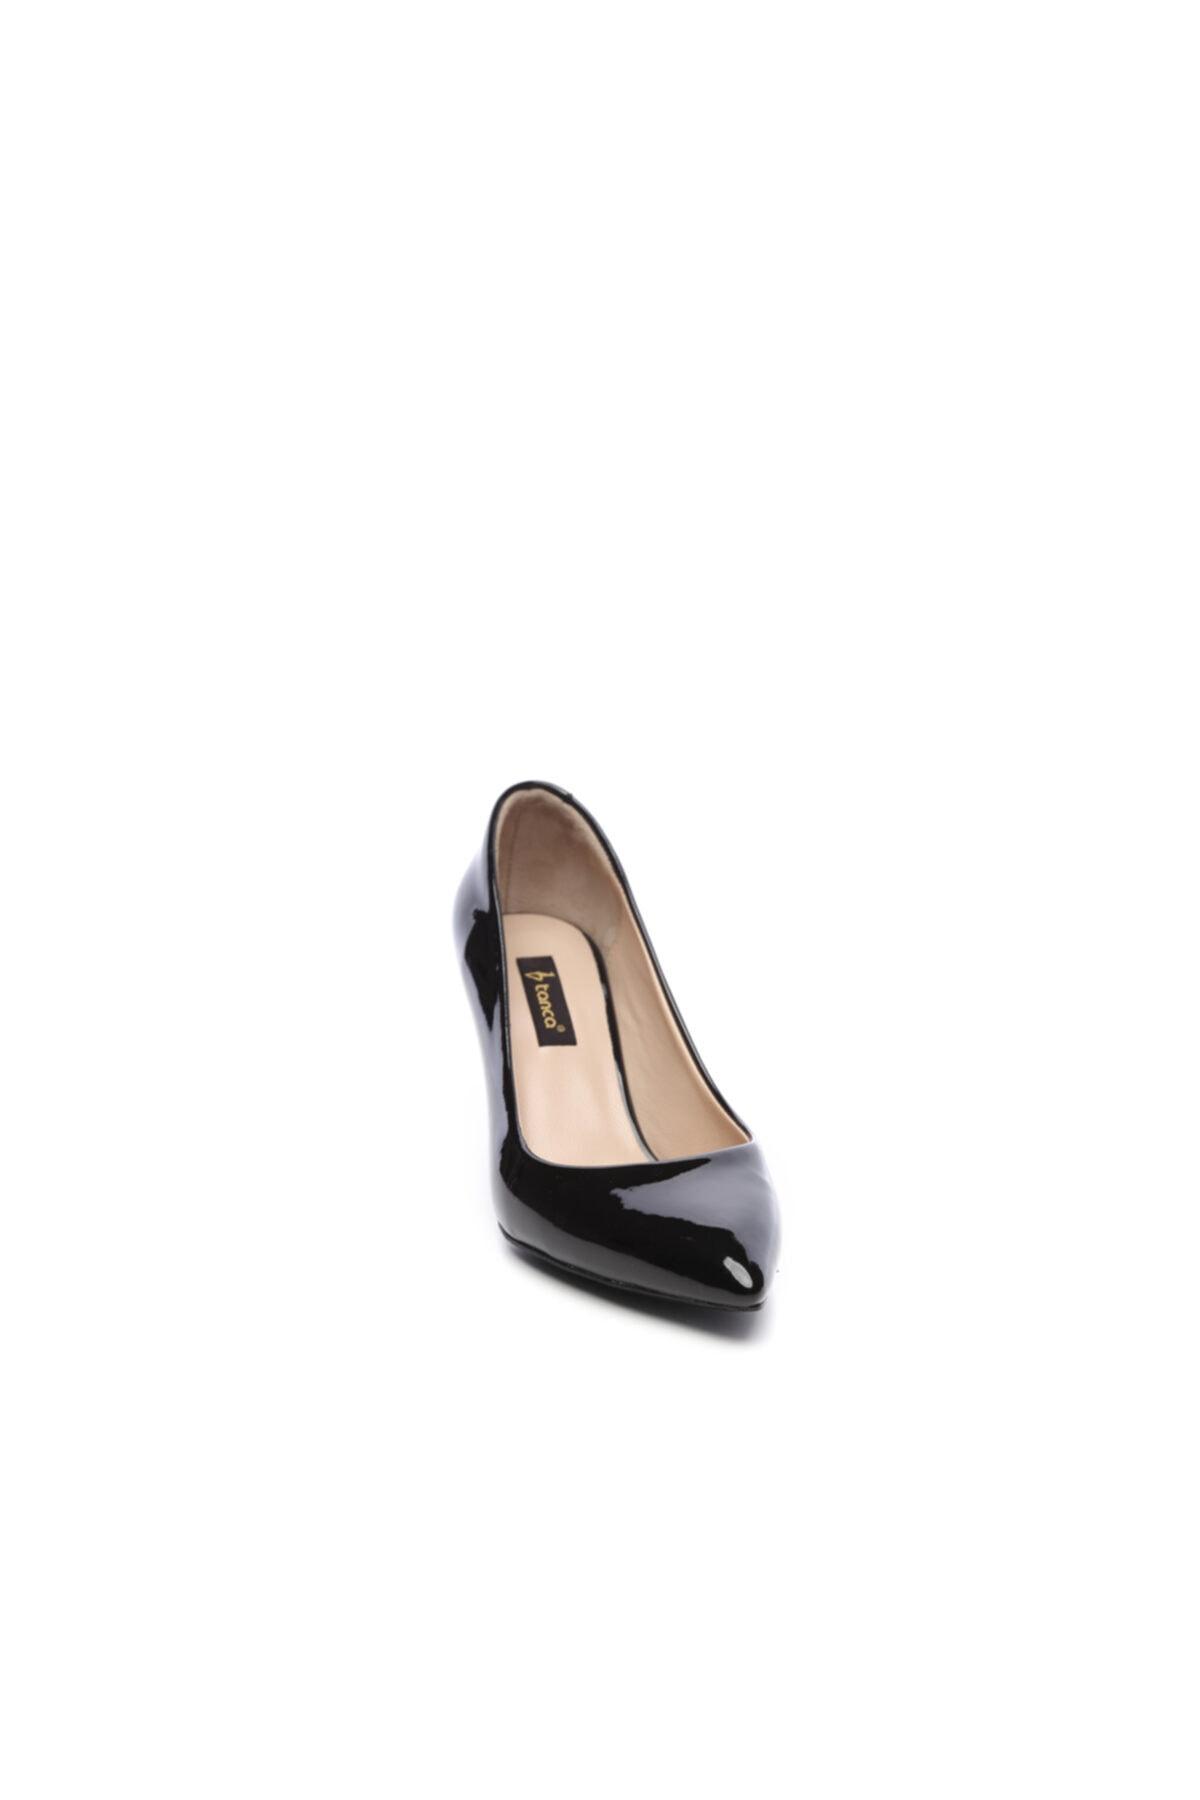 KEMAL TANCA Kadın Vegan Stiletto Ayakkabı 723 2701 BN AYK Y19 2